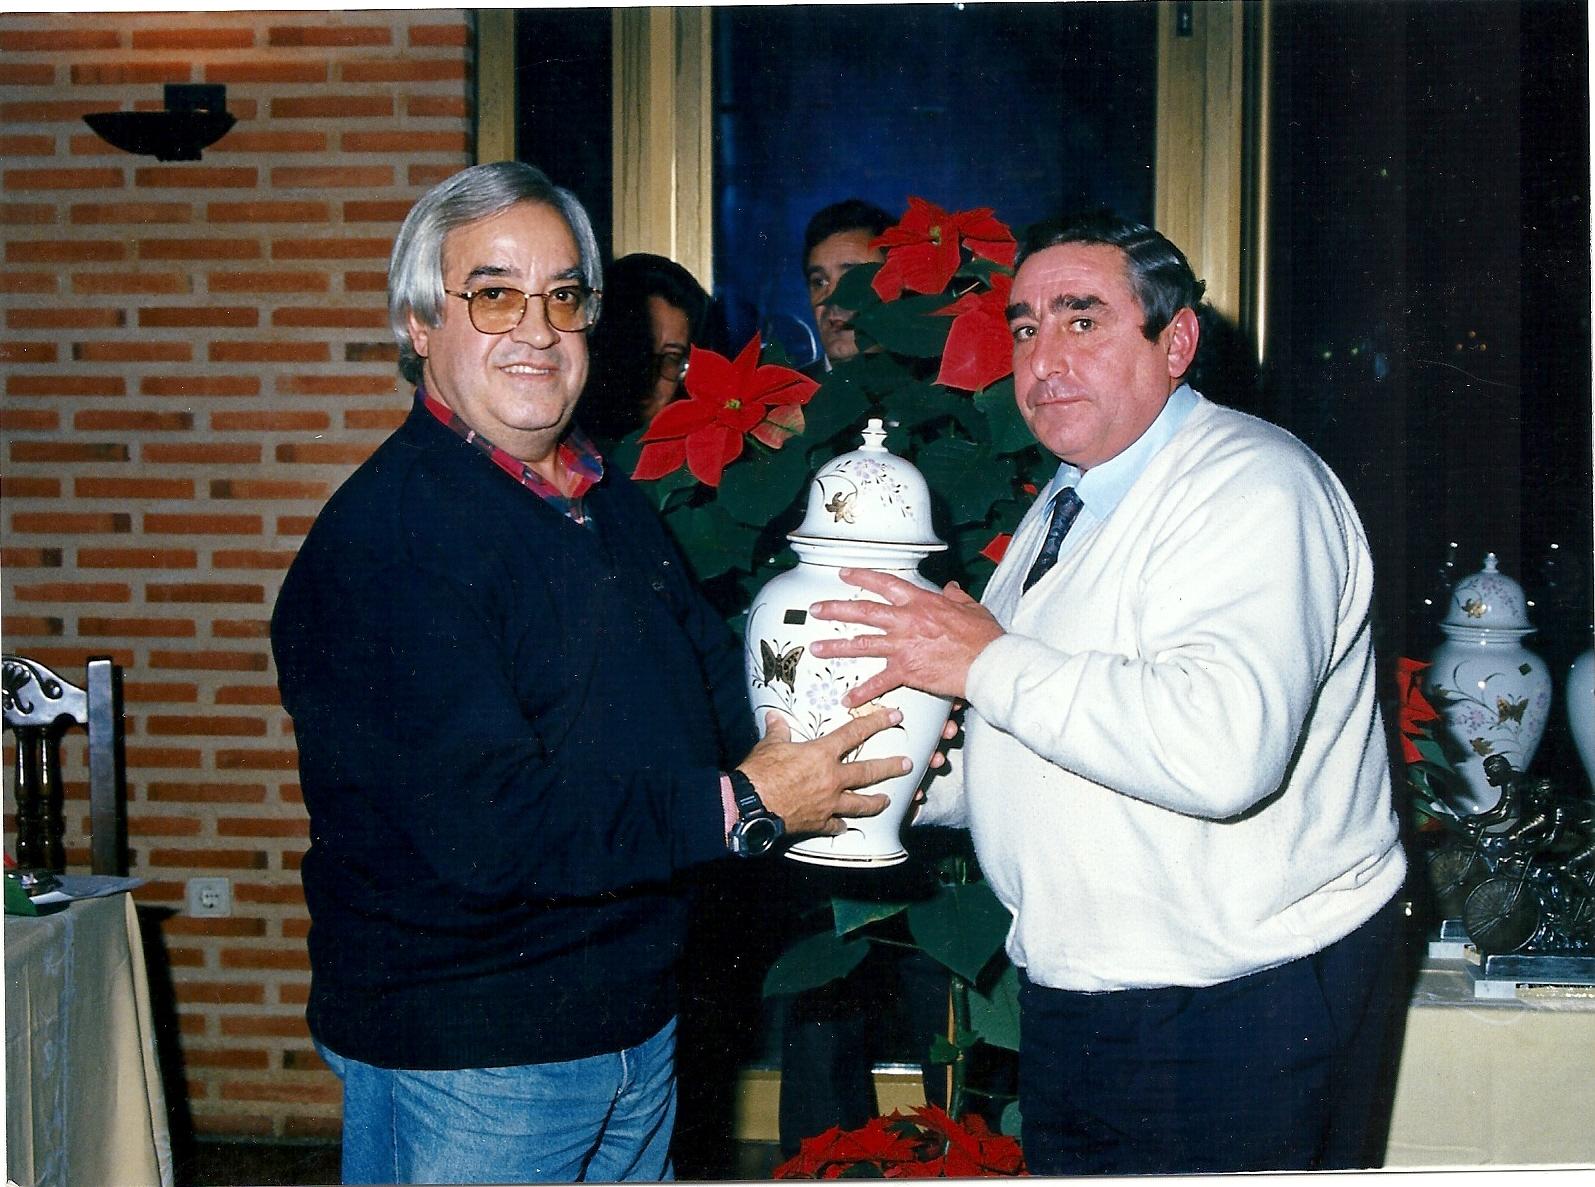 Reconocimientos de Don Eugenio Cuerdo en su colaboración con la Vuelta Ciclista de Segovia